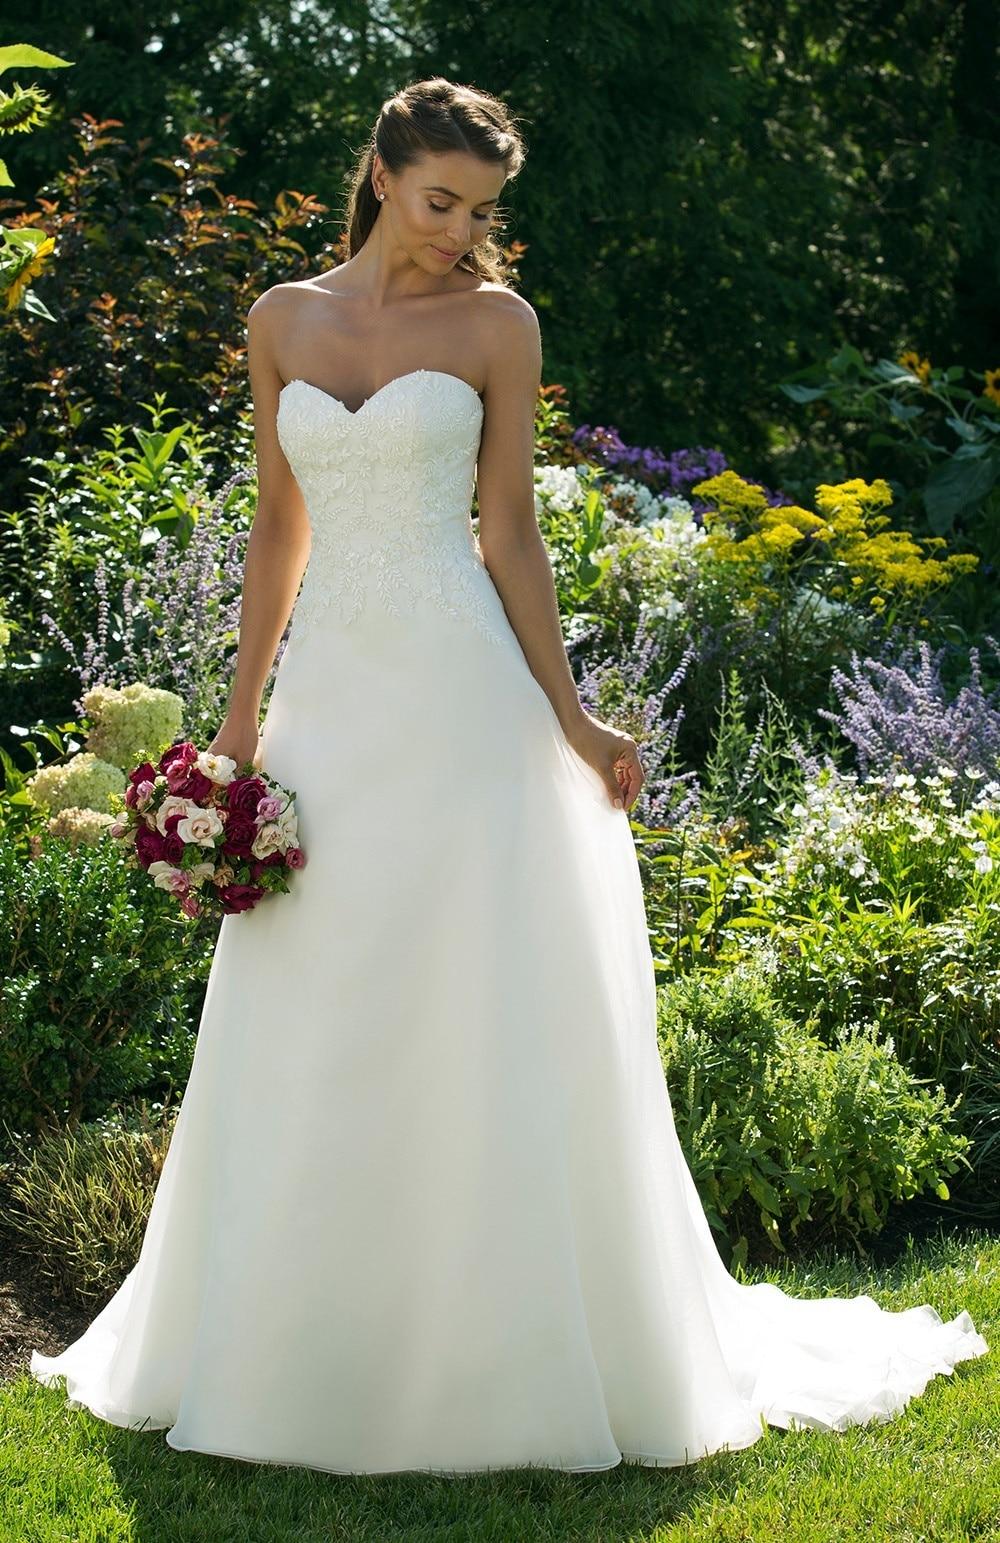 Robe de mariée Modèle 11010 – Tara